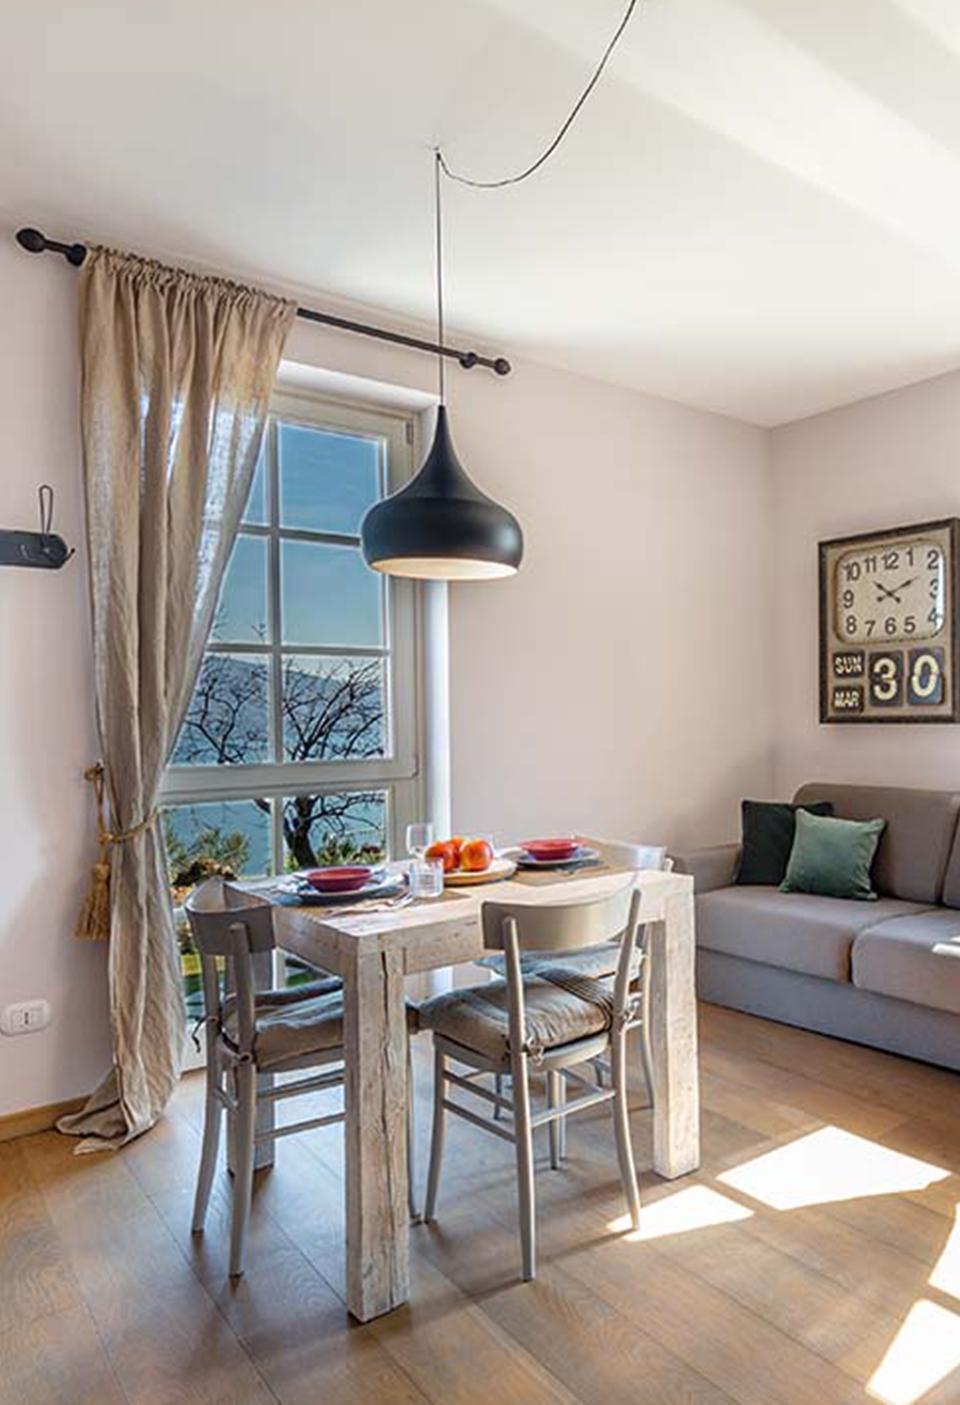 San Giorgio Apartaments, spazi interni